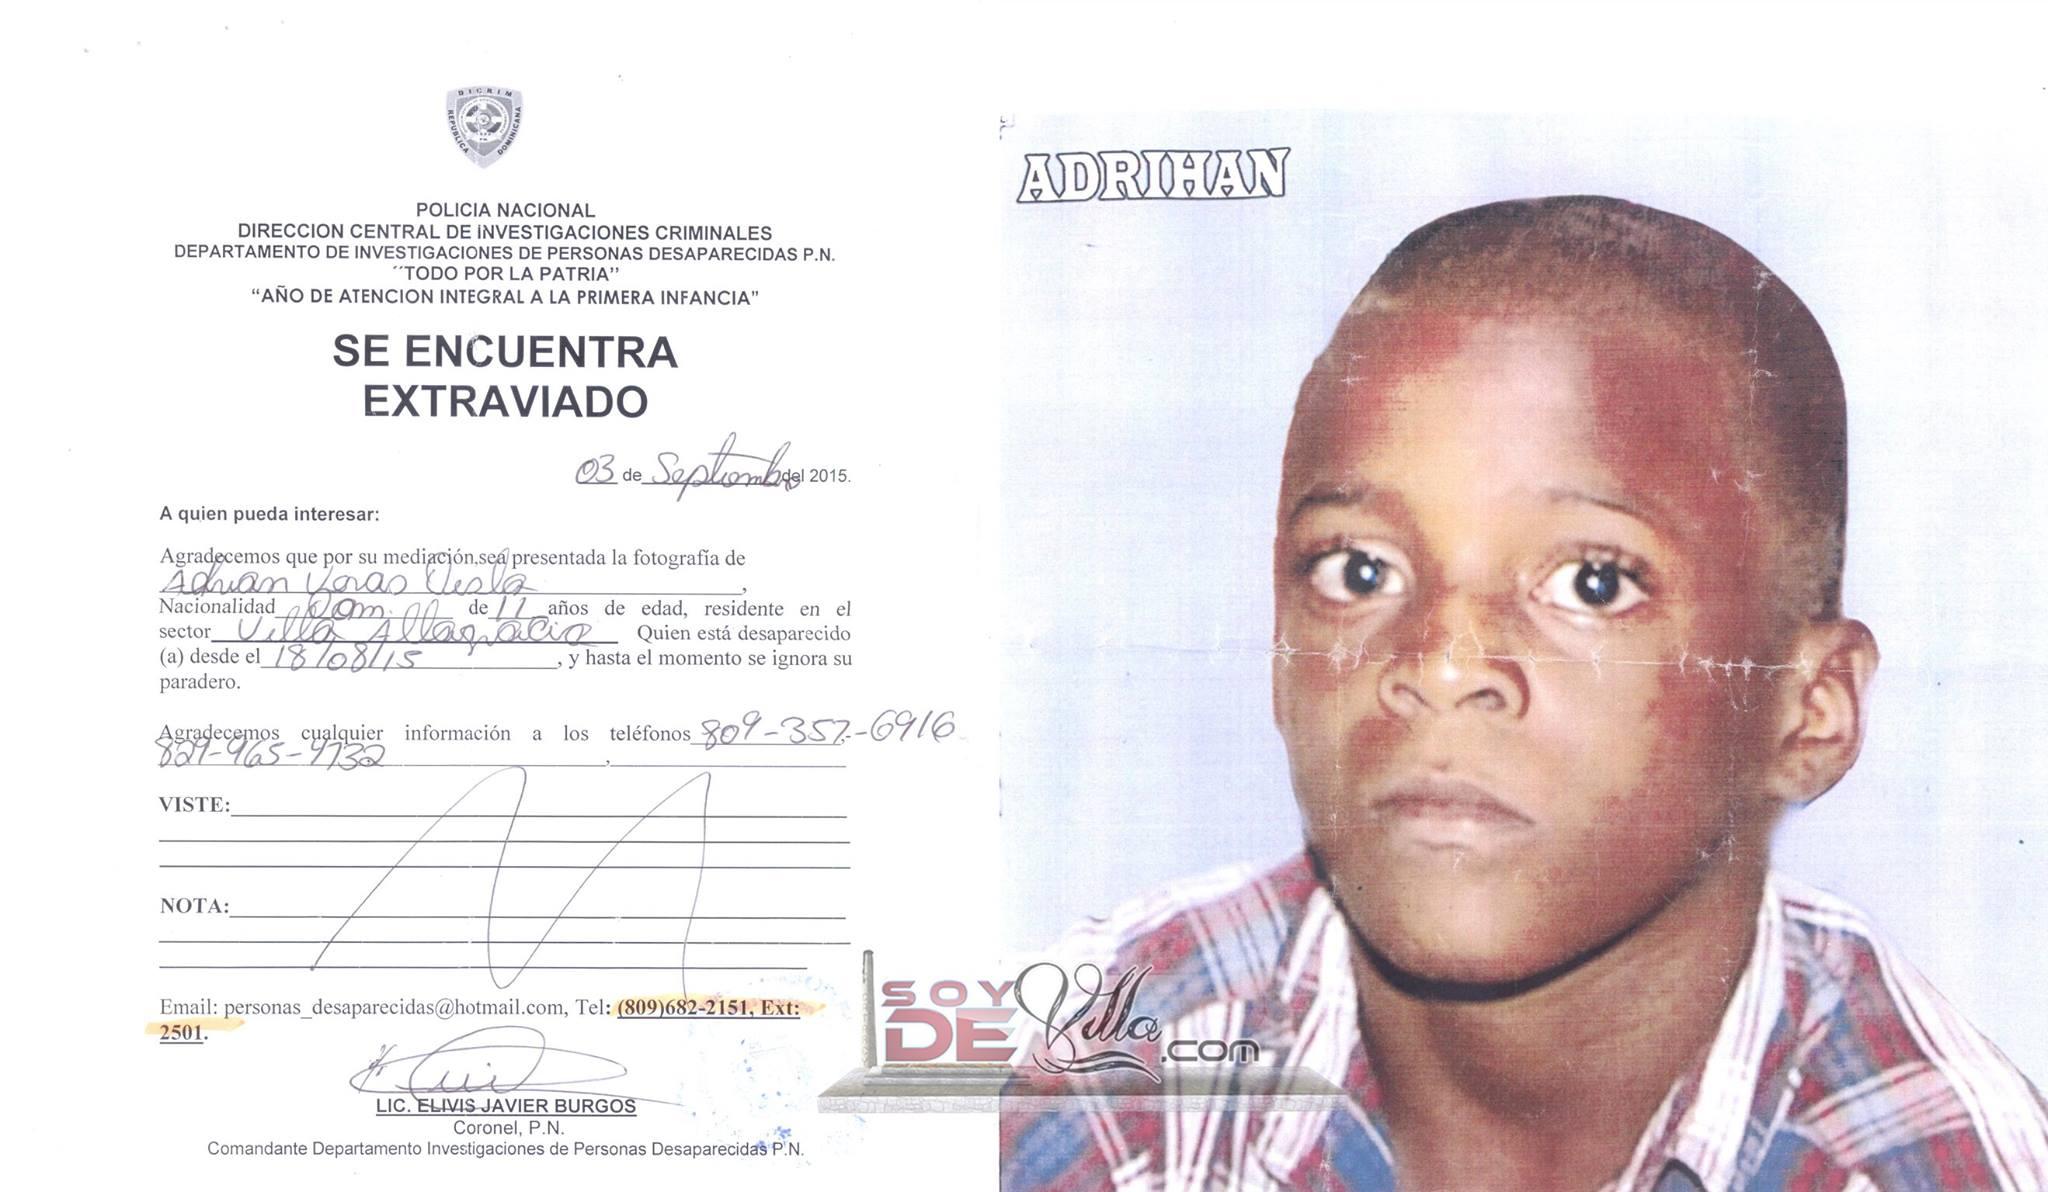 Niño de 11 años lleva 20 días desaparecido; familiares piden ayuda